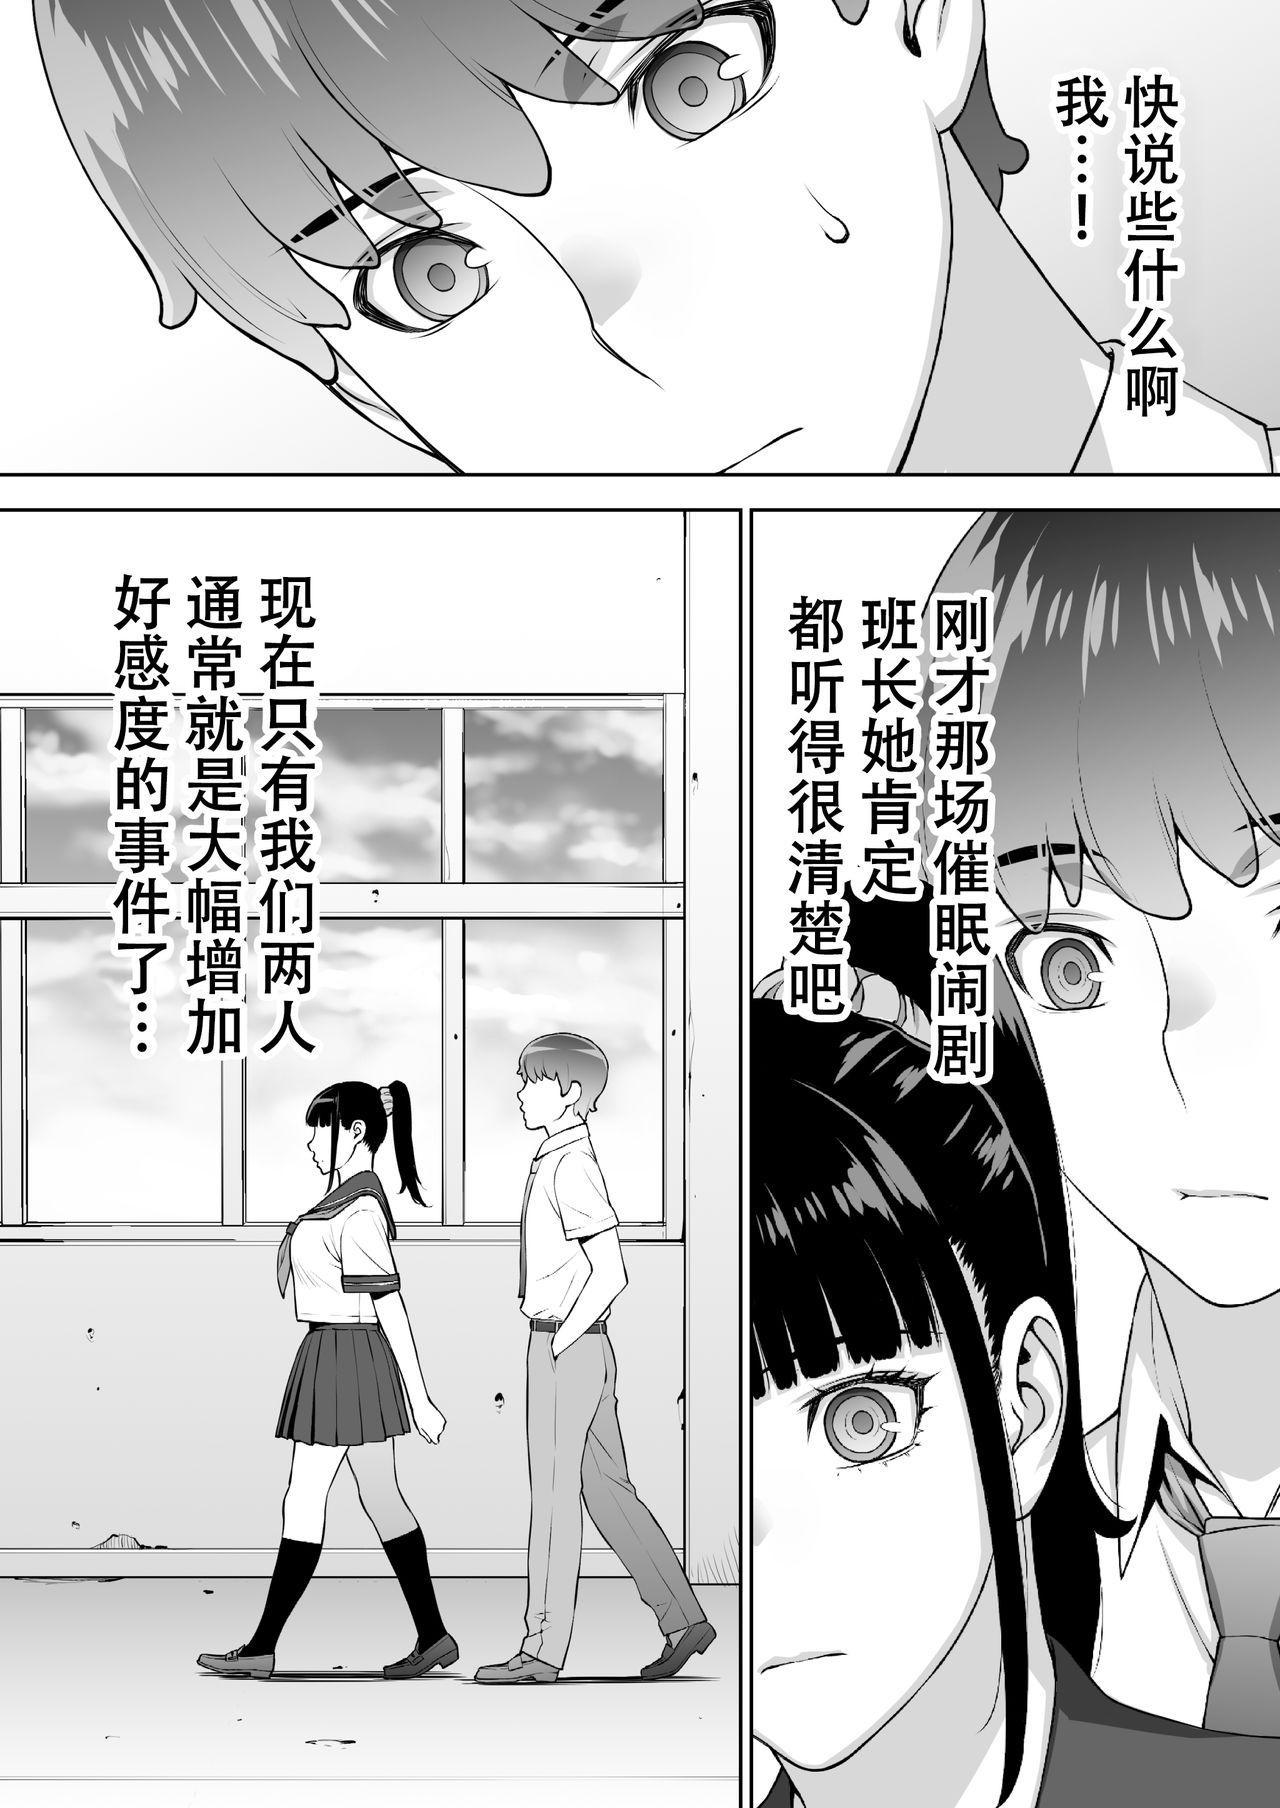 Iinchou wa Saimin Appli o Shinjiteru. 40